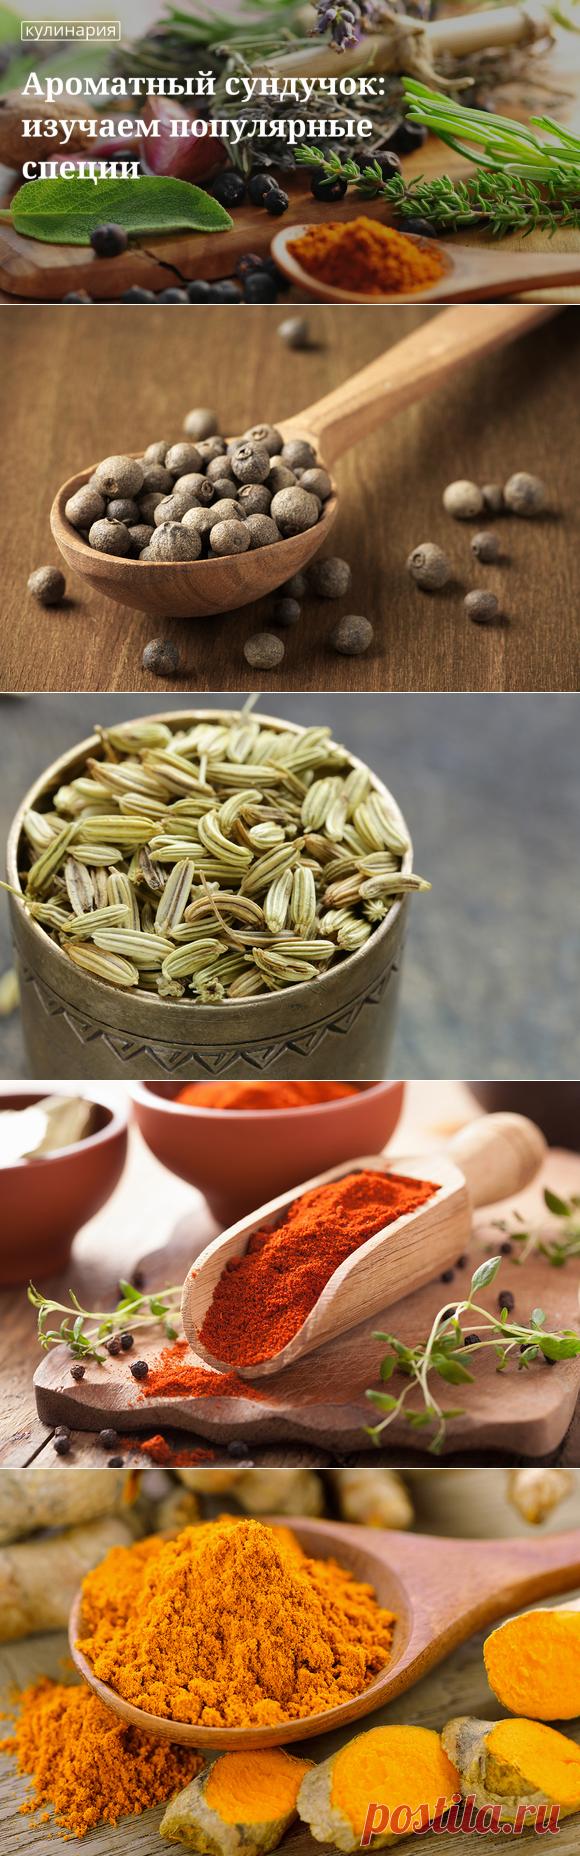 Гид по специям: какие ароматные приправы к каким блюдам подходят